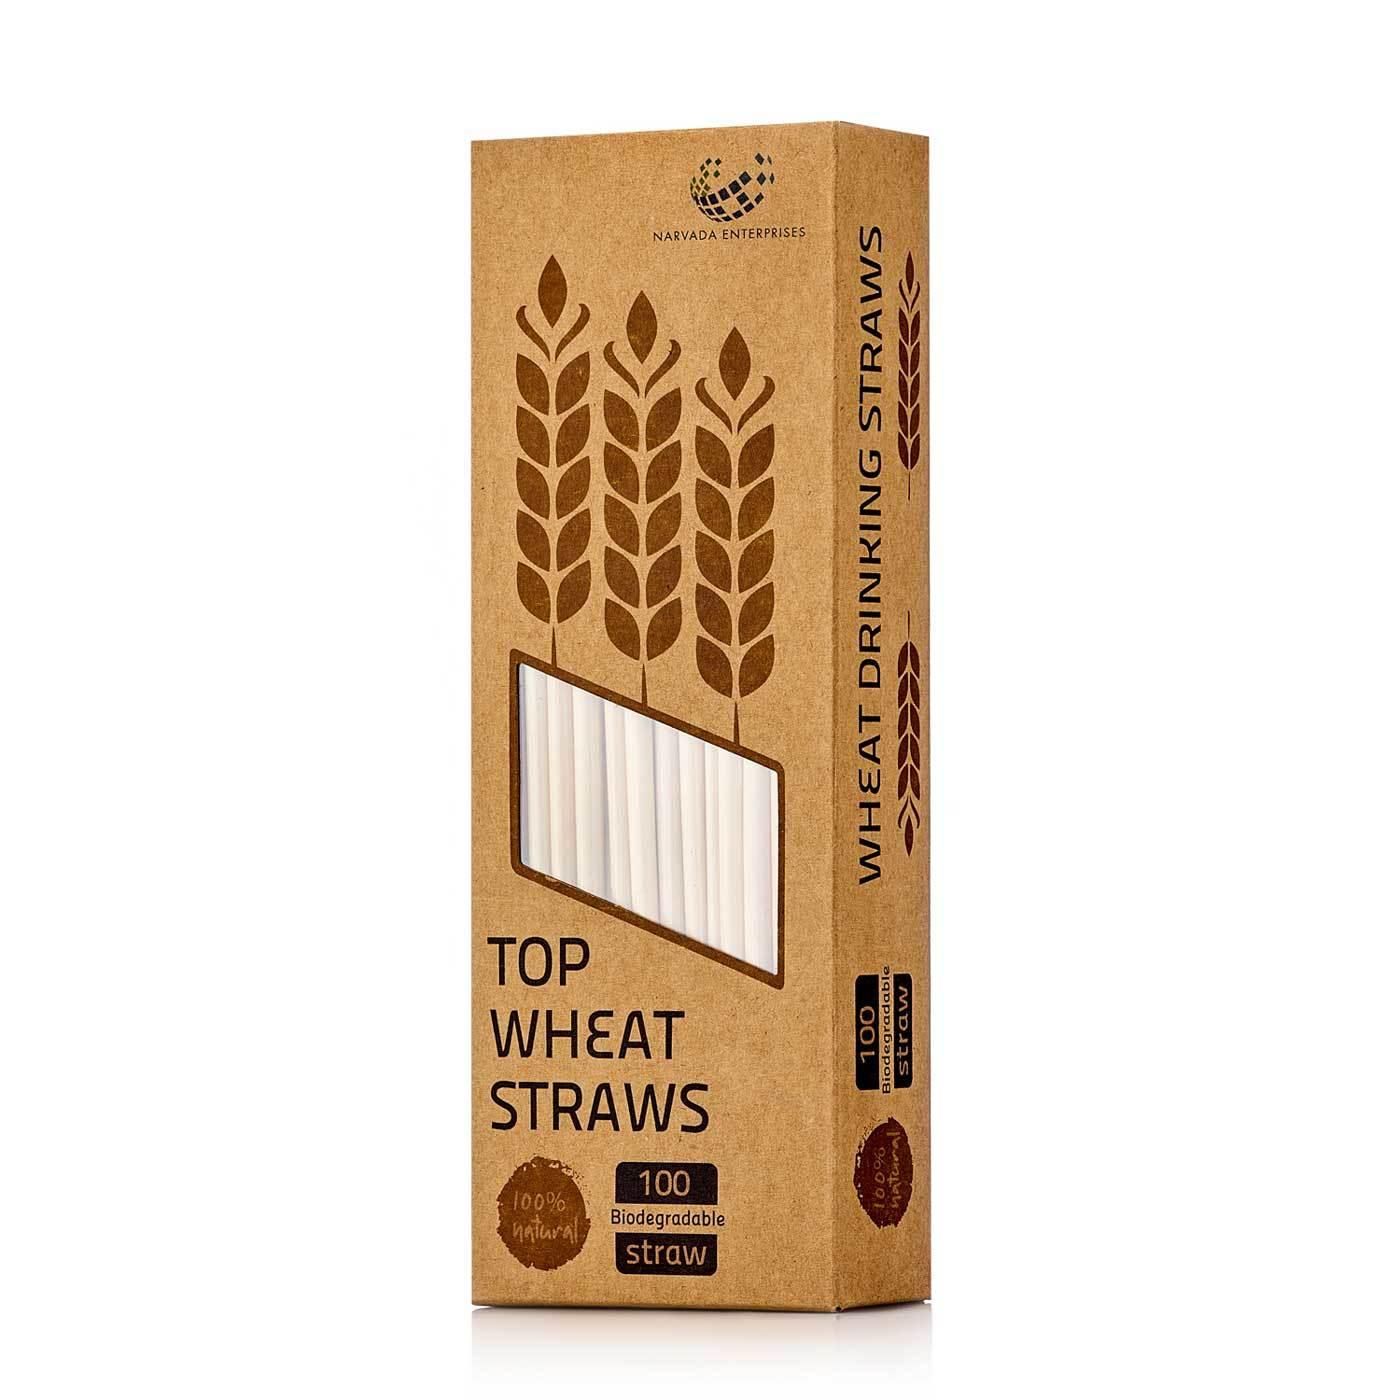 Аксессуары Пшеничные коктейльные трубочки, 100 штук в упаковке wit_straws-teastar.jpg